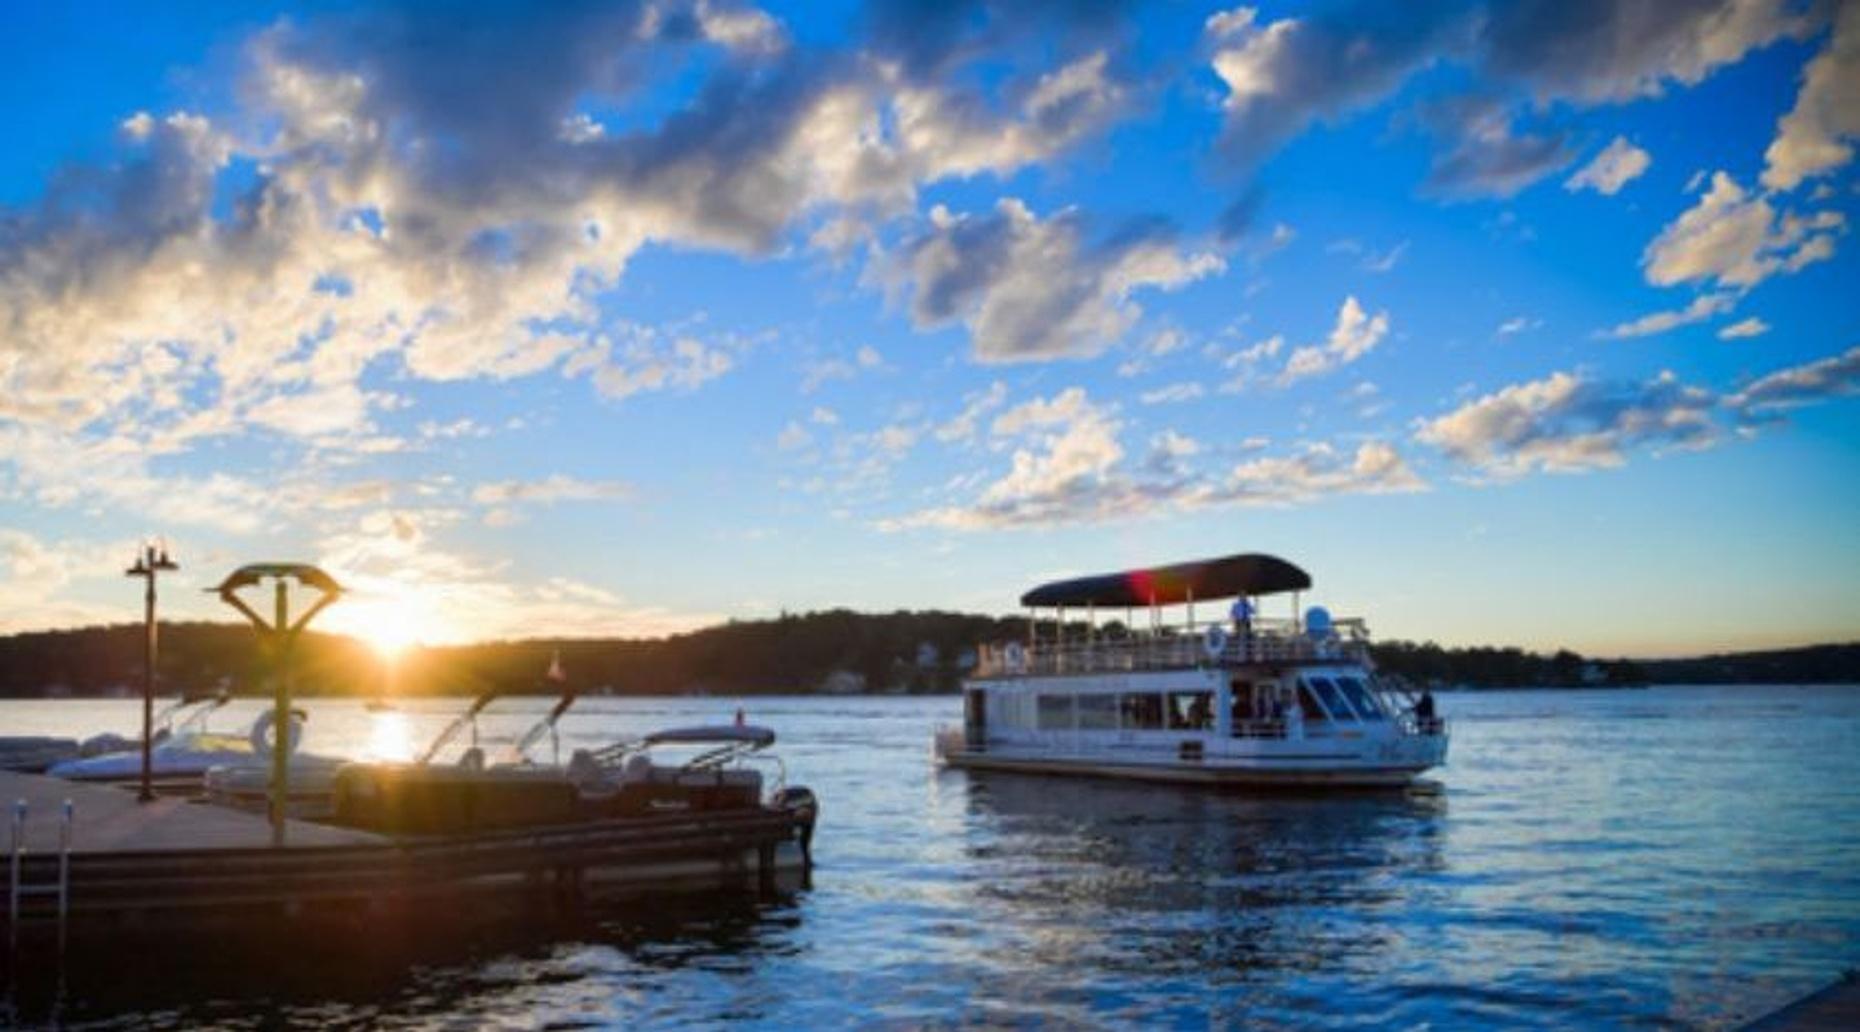 Lake Hopatcong Comedy Night Cruise